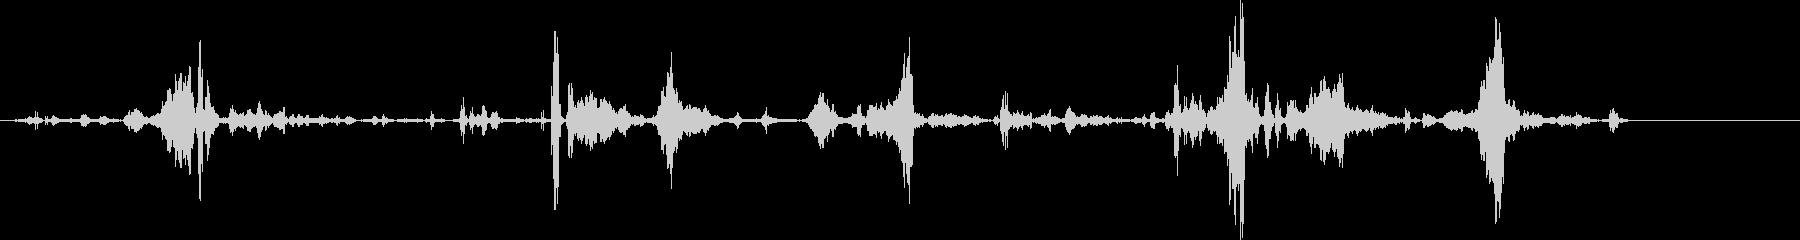 ストレンジトーキング;フェリー式の...の未再生の波形